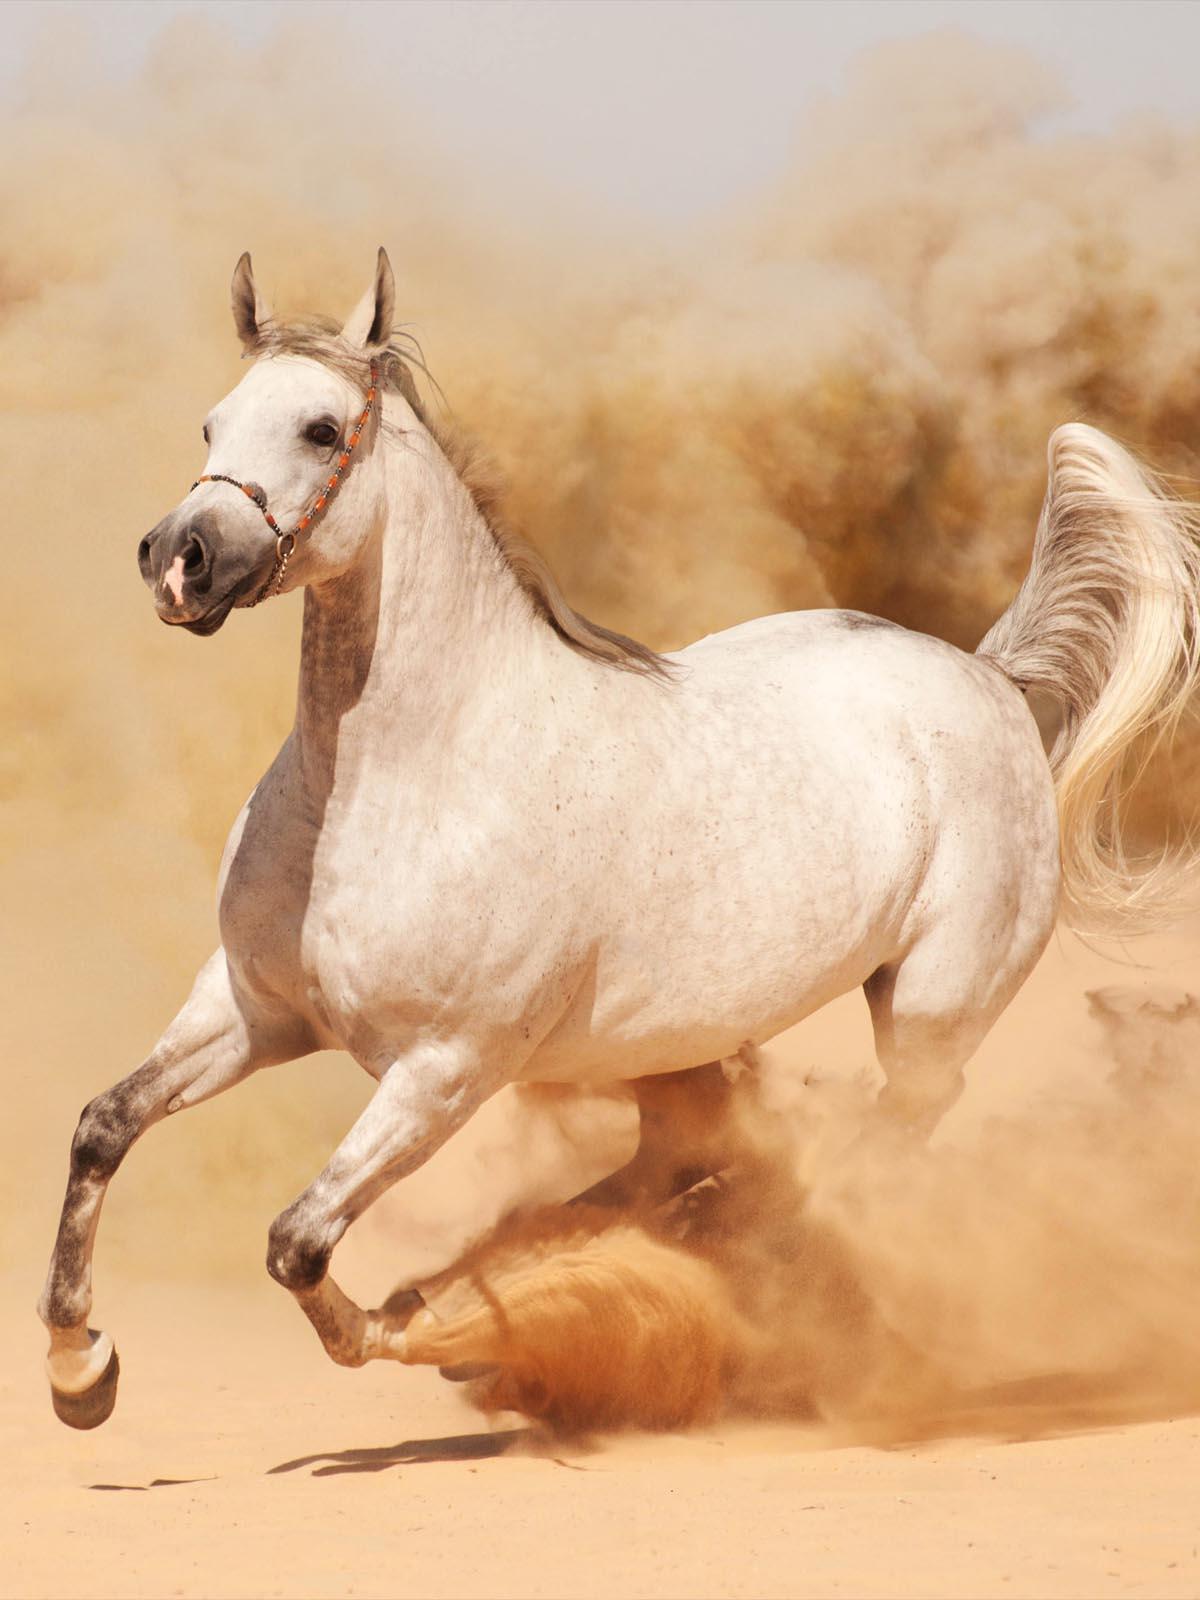 Horse Running On Sand 4k Ultra Hd Mobile Wallpaper